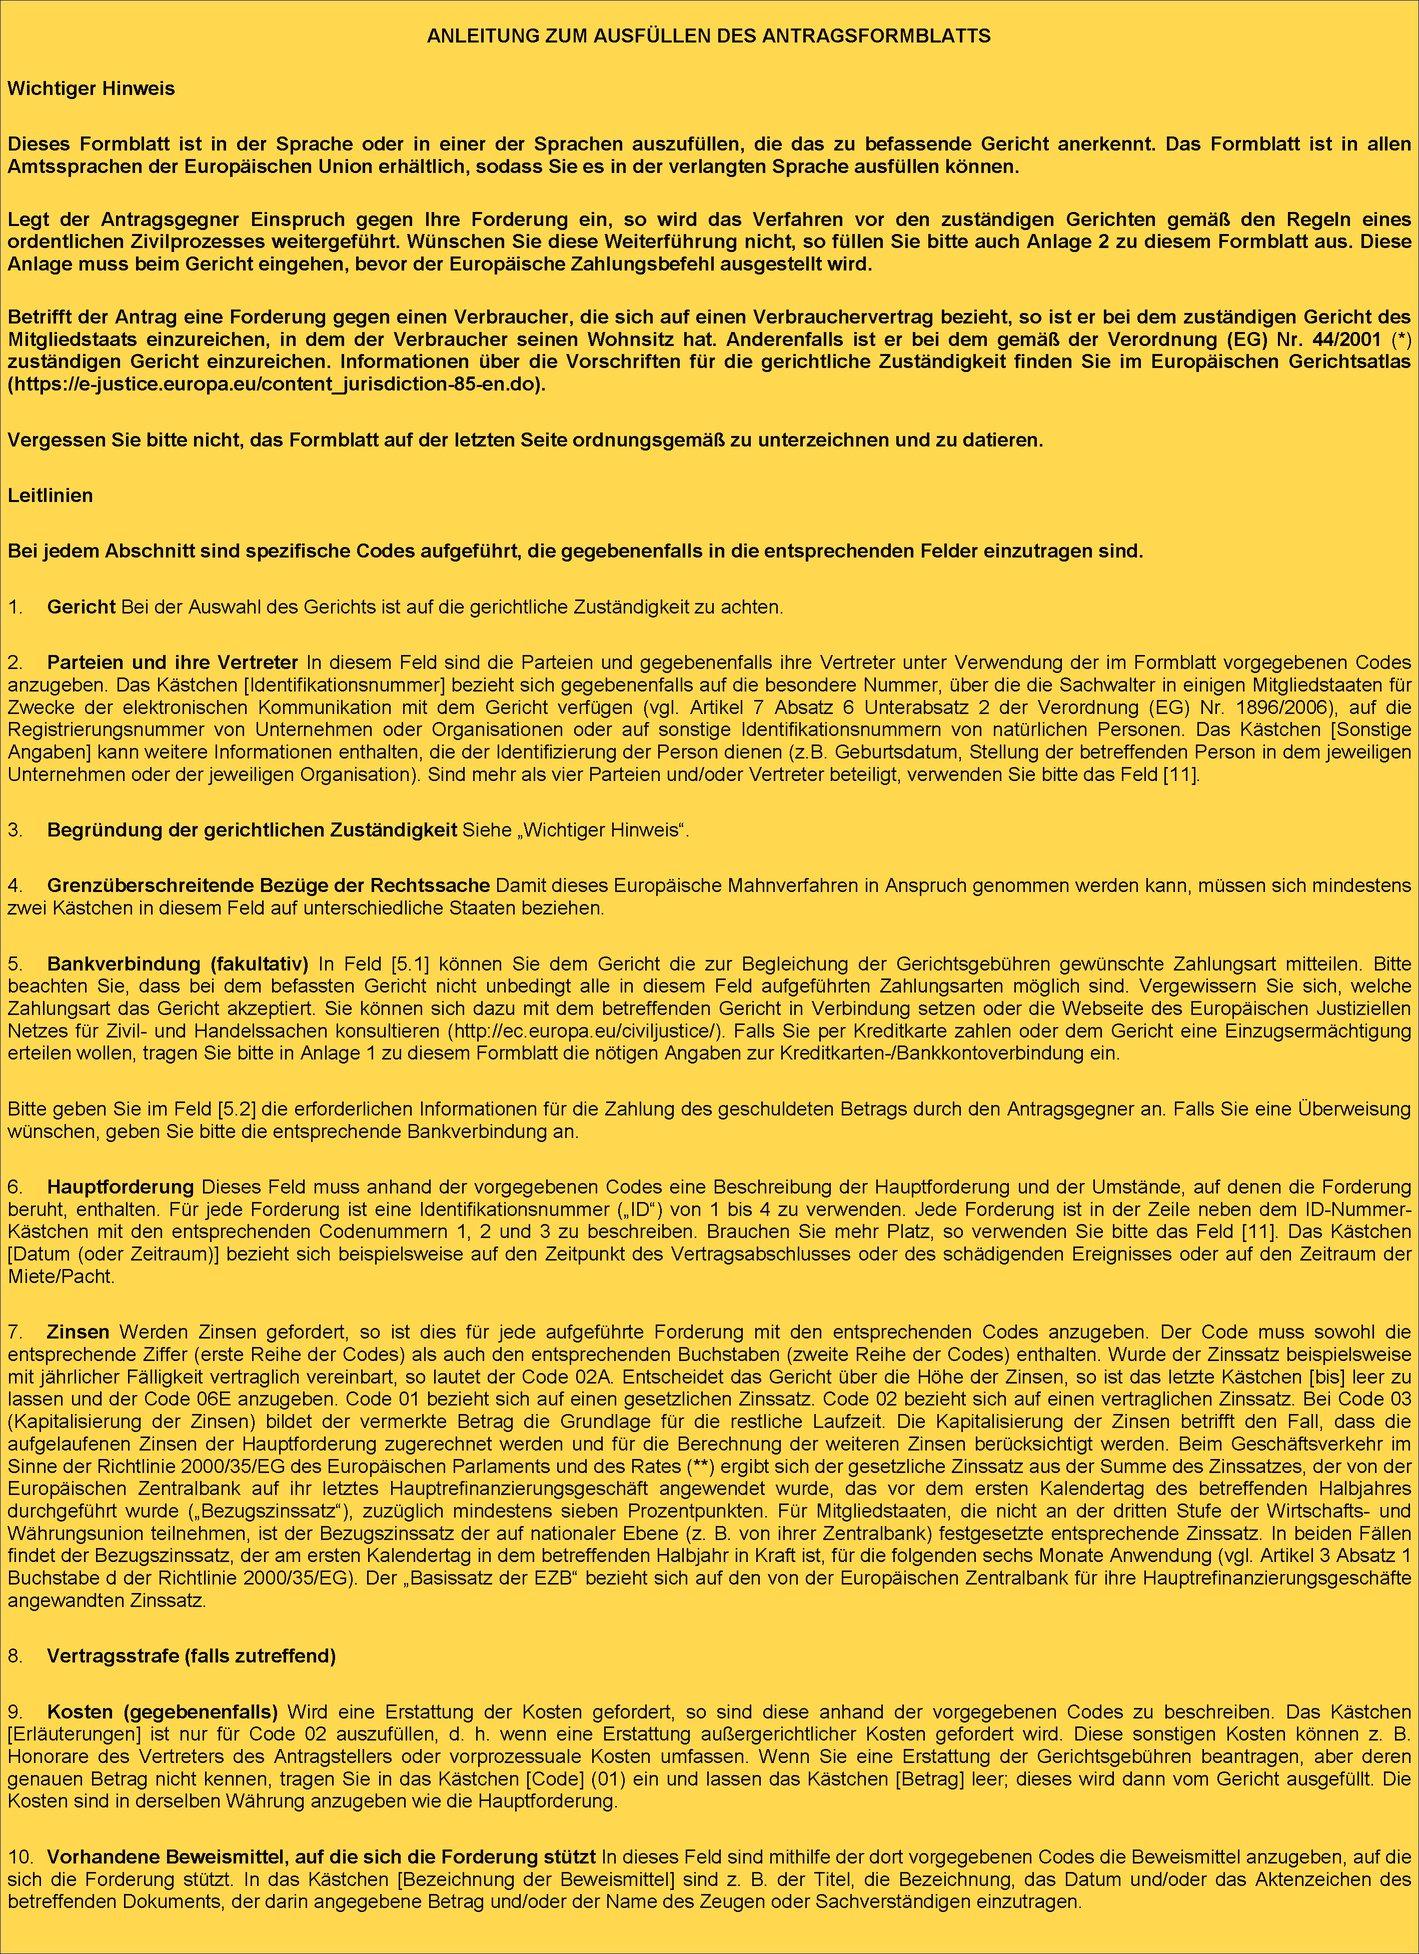 Datierung von juristischen Dokumenten